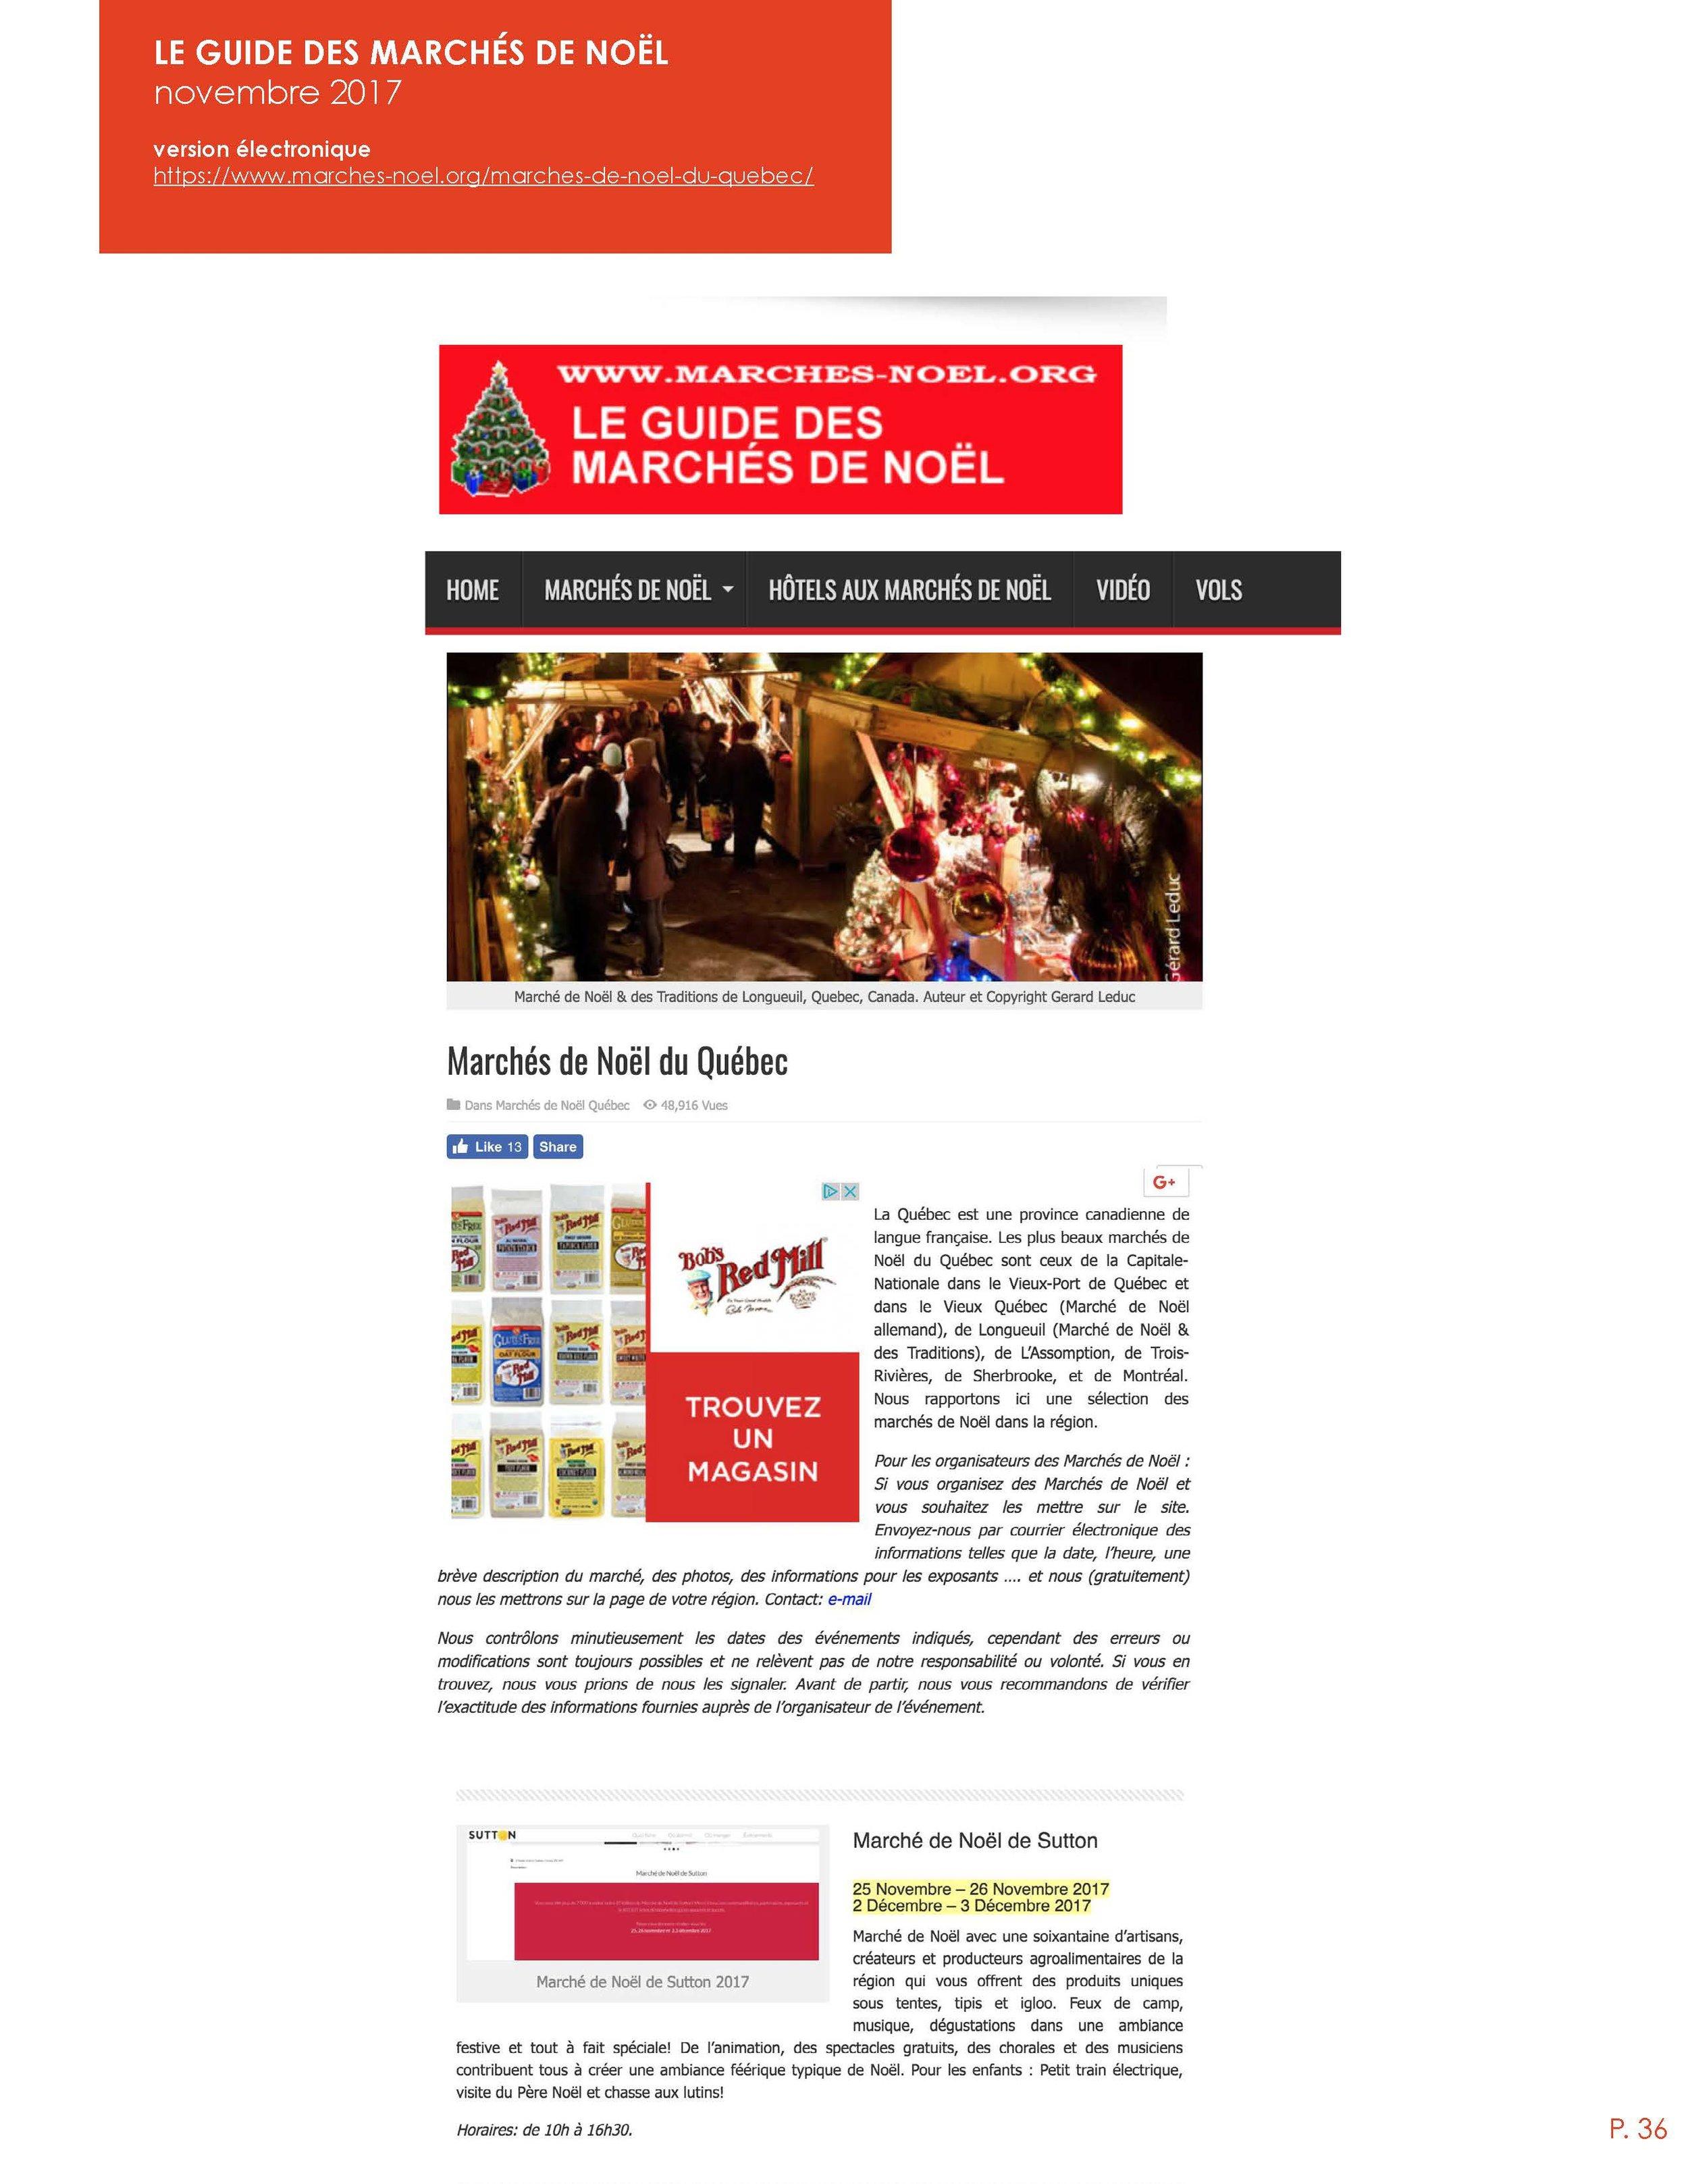 Revue de presse - MARCHÉ DE NOËL SUTTON 2017_Page_36.jpg